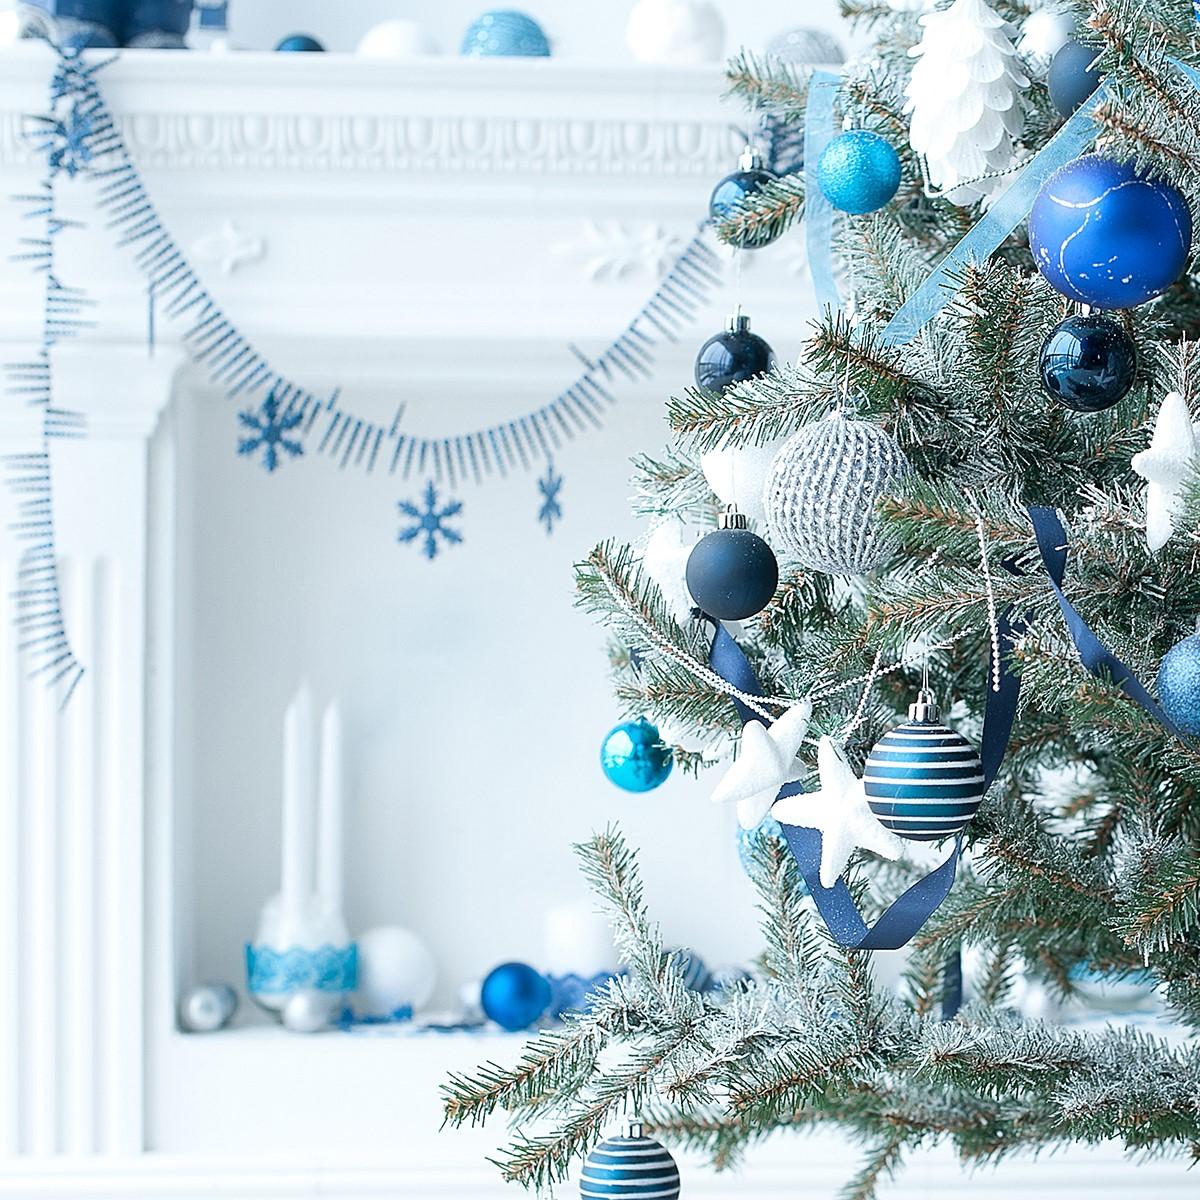 Profitez de vos vacances de Noël et joyeuses fêtes!